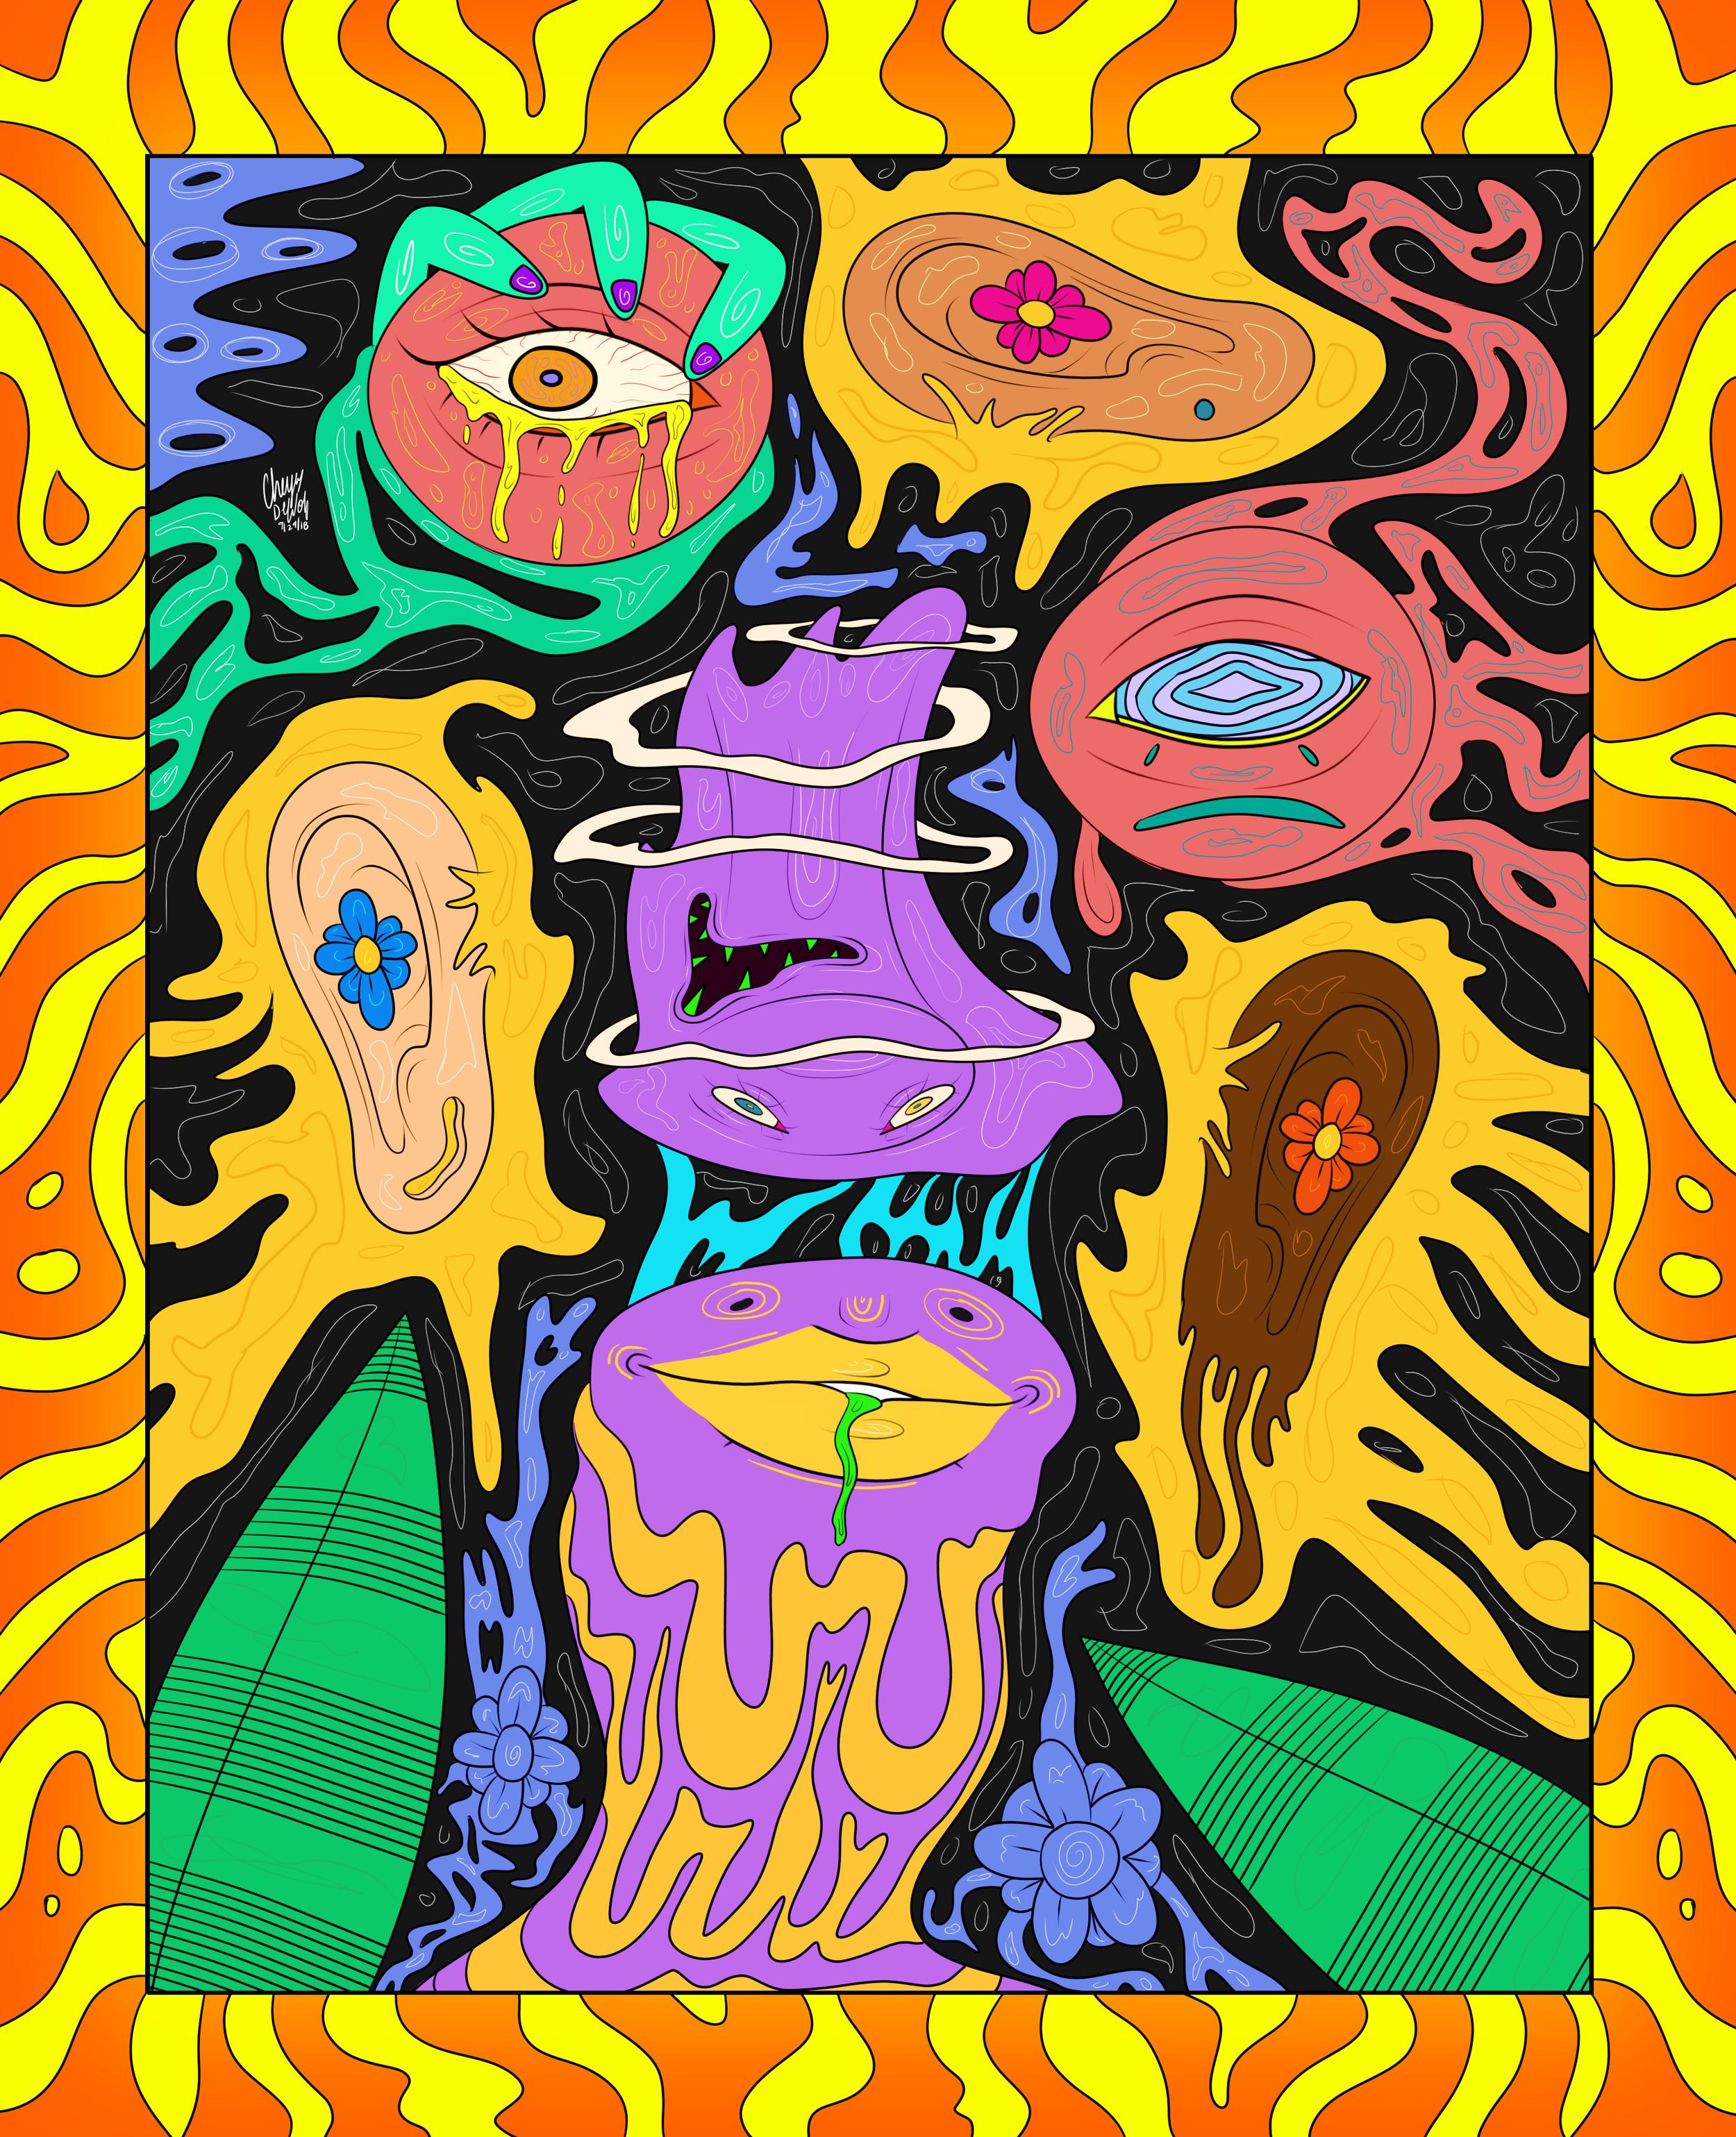 poster-idea-v1.png